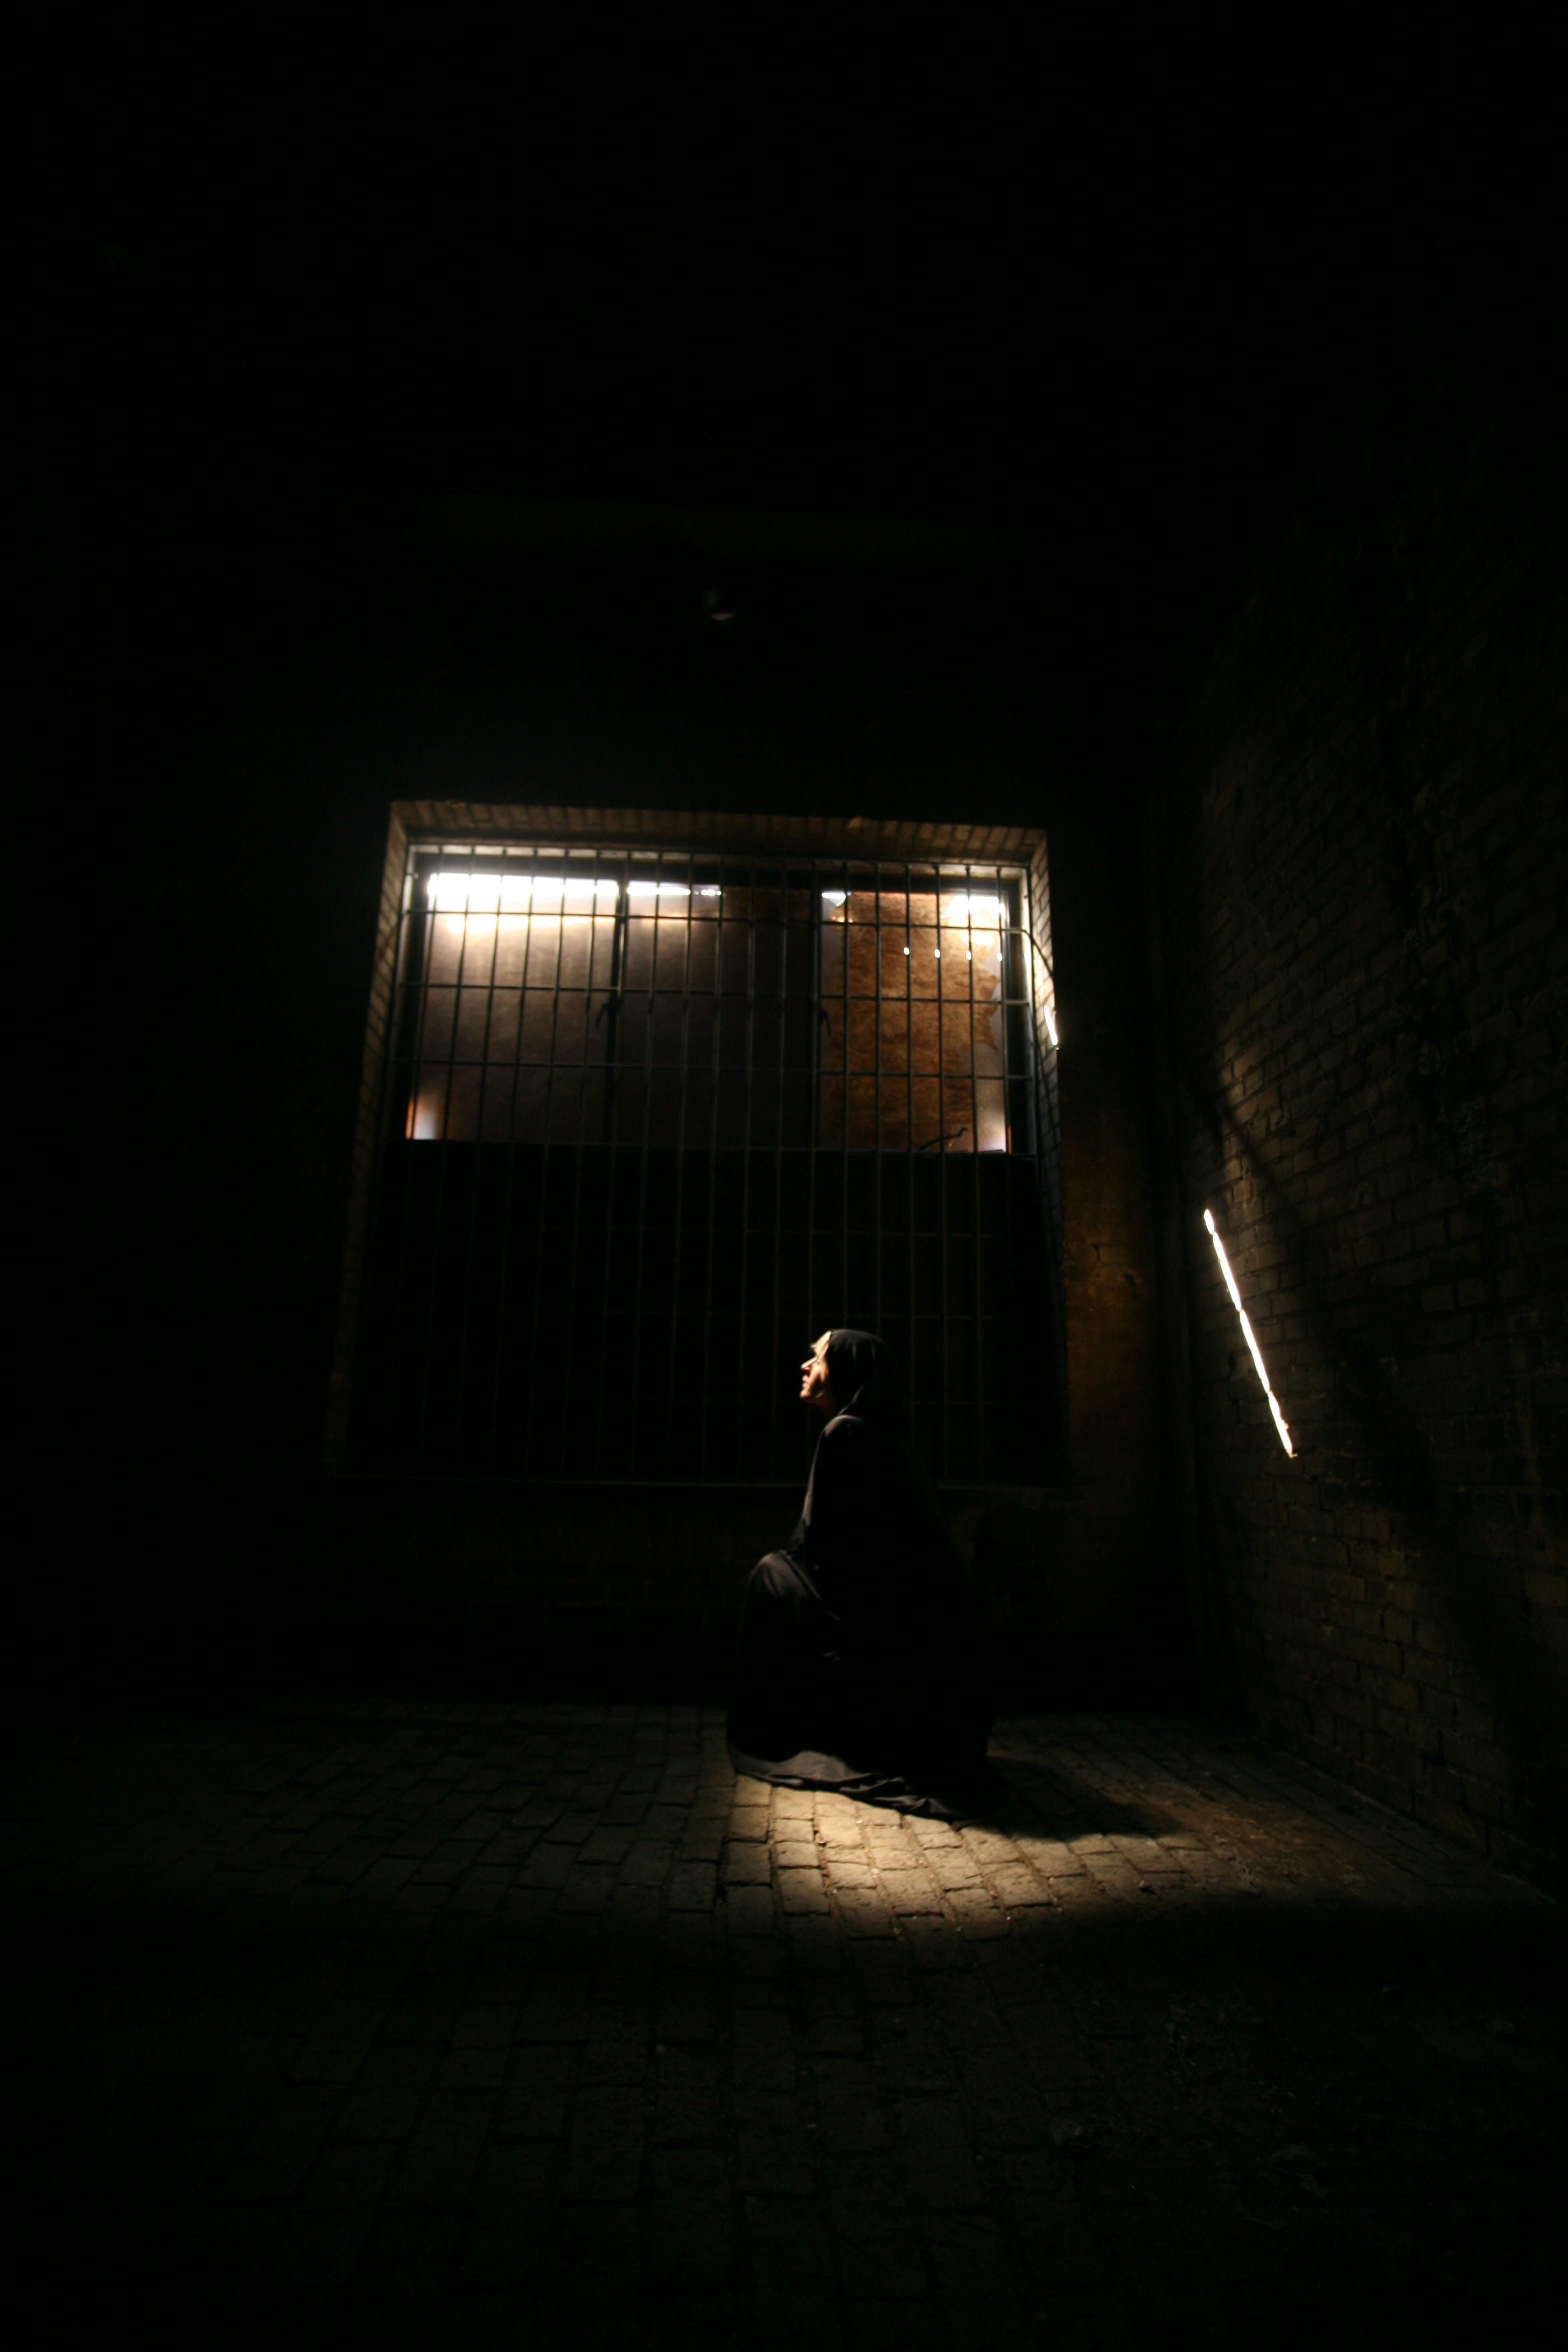 Kostenloses Stock Foto zu architektur, drinnen, dunkel, erwachsener